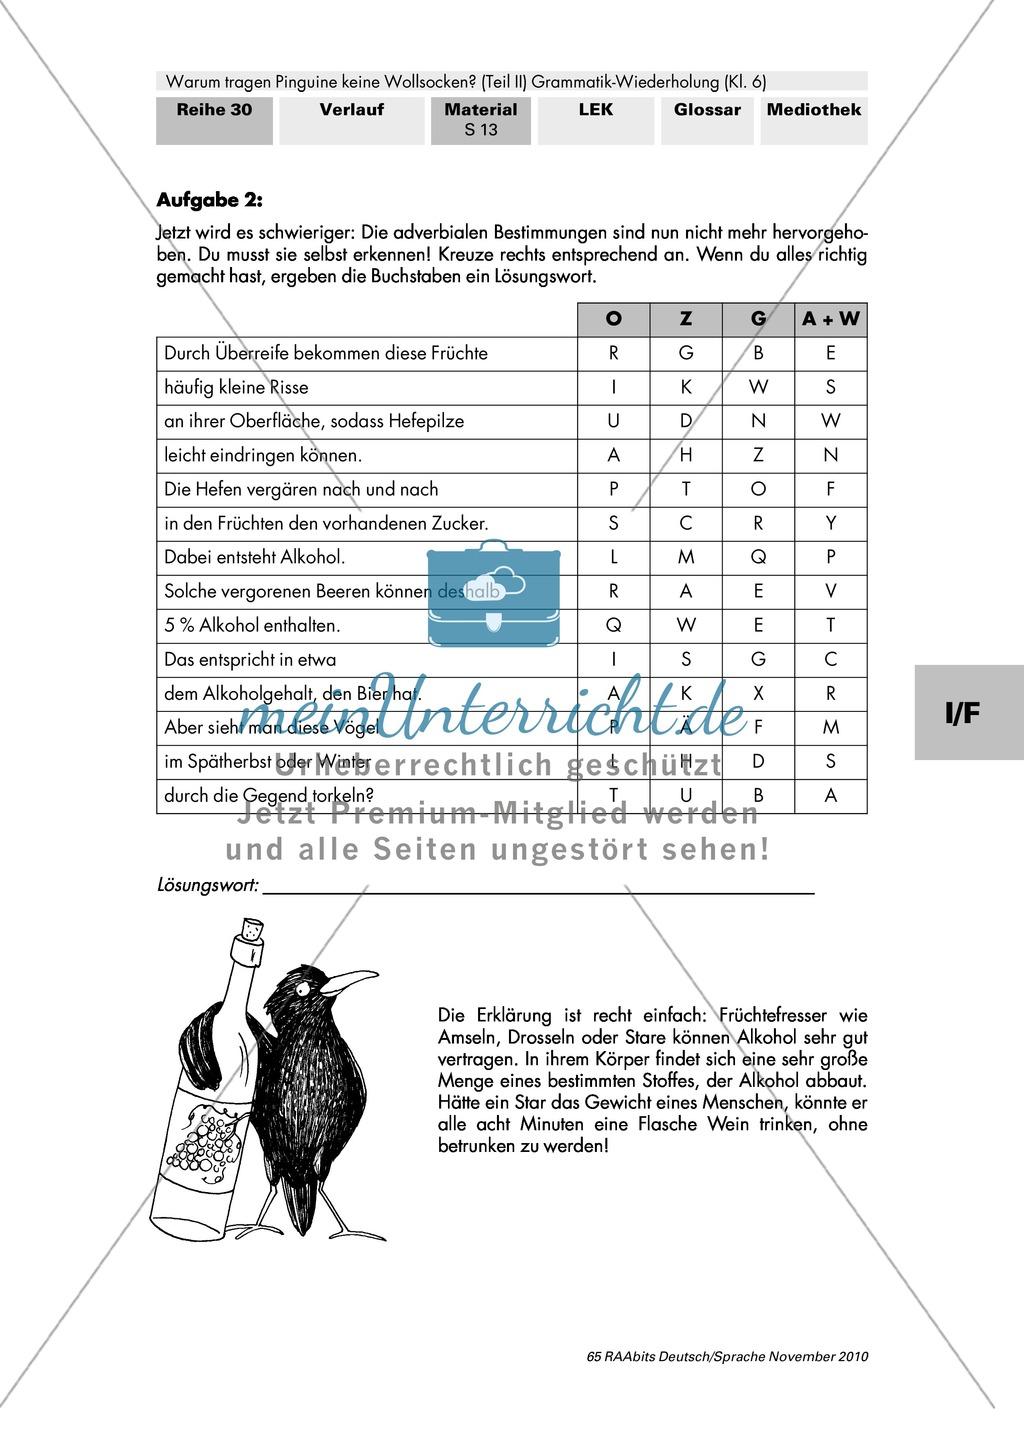 Warum tragen Pinguine keine Wollsocken? Eine individuelle Grammatik-Wiederholung zu Satzgliedern und Tempora Preview 18